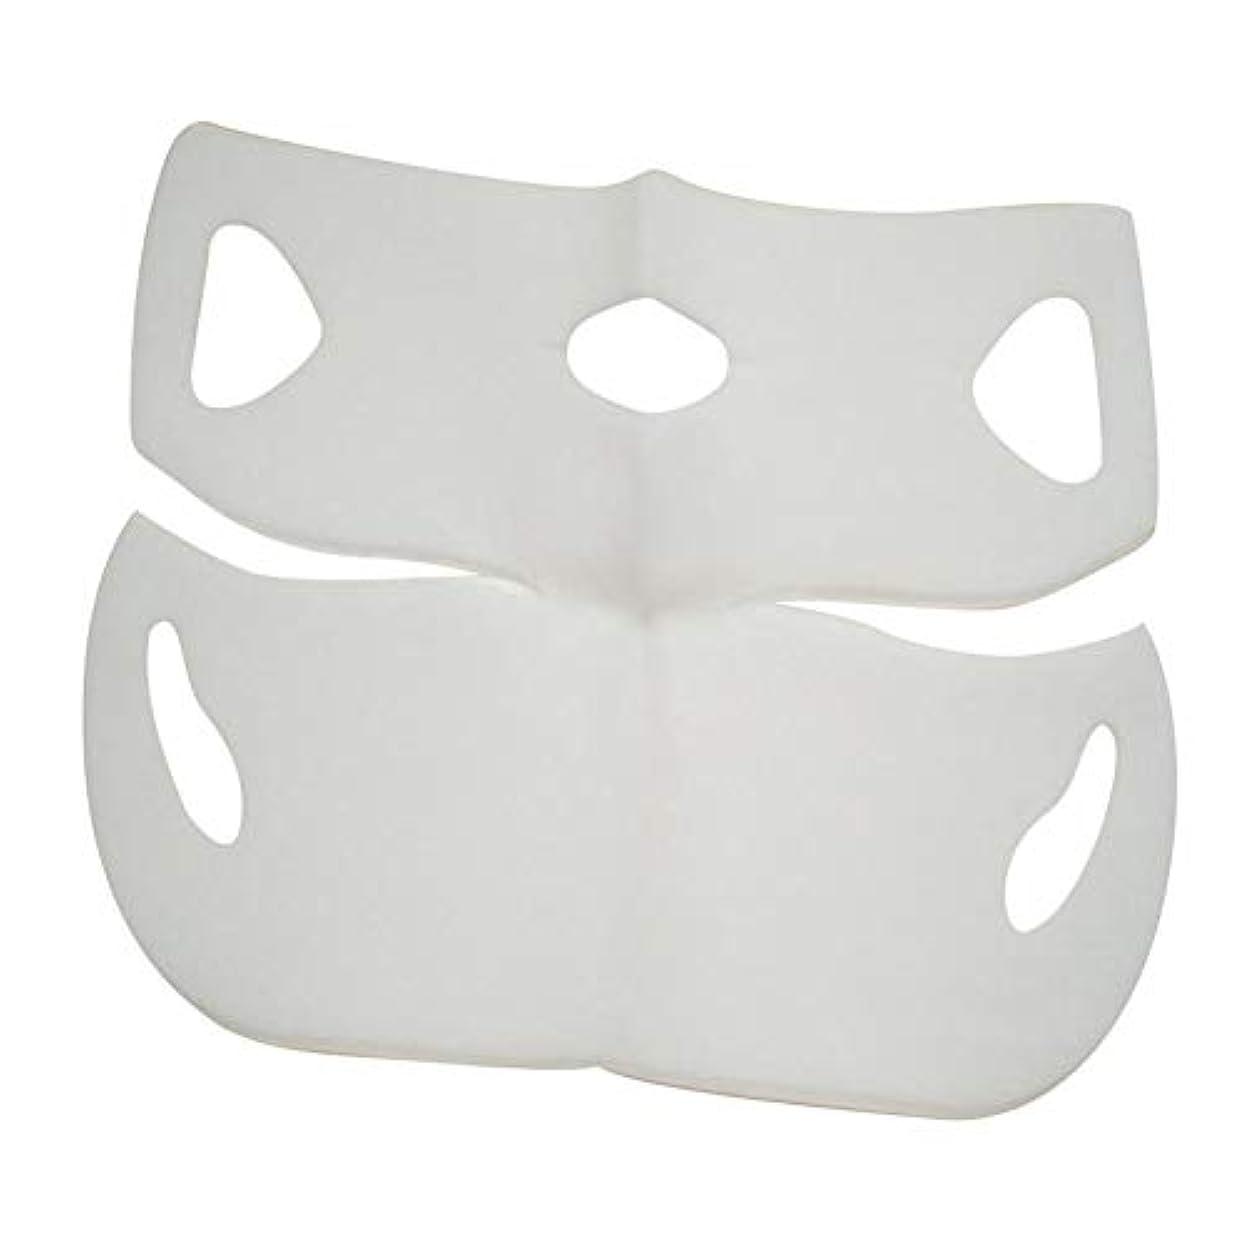 技術的な等祈りSILUN 最新型 4D Vフェイシャルマスク フェイスマスク 小顔 マスク フェイスラインベルト 美顔 顔痩せ 肌ケア 保湿 毛細血管収縮 睡眠マスク